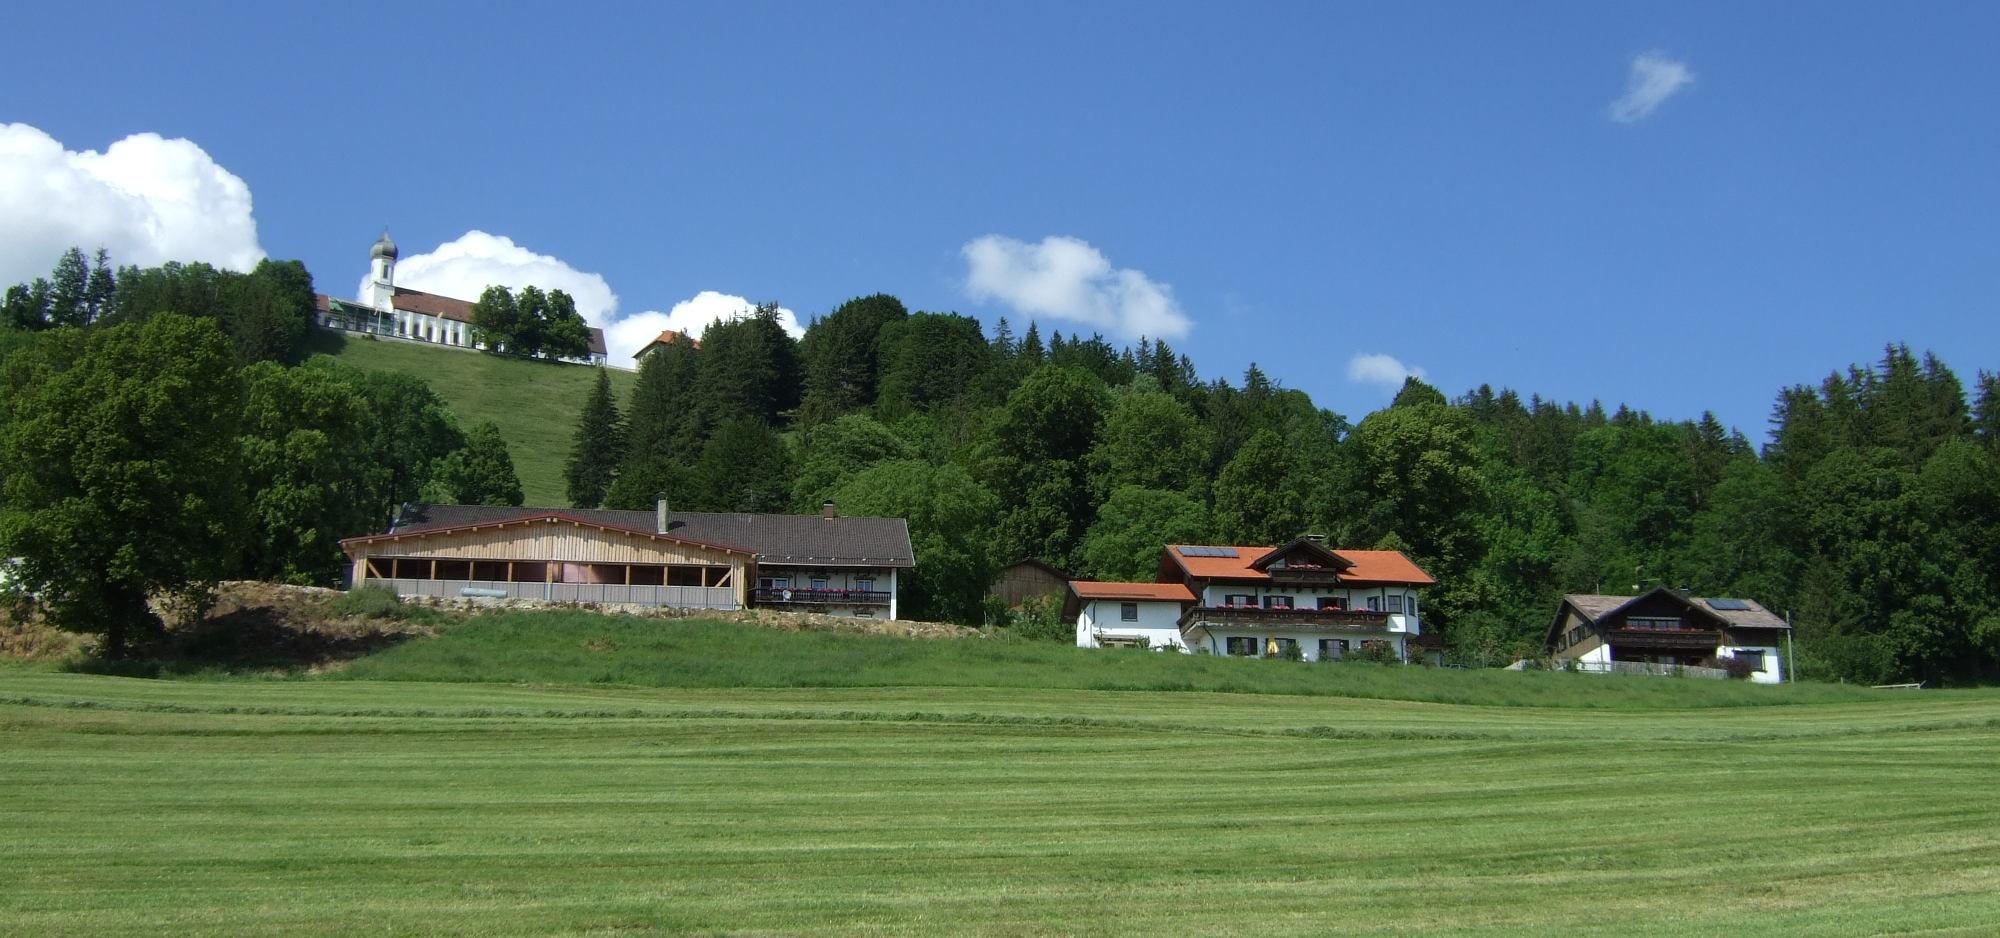 Wetter Peißenberg